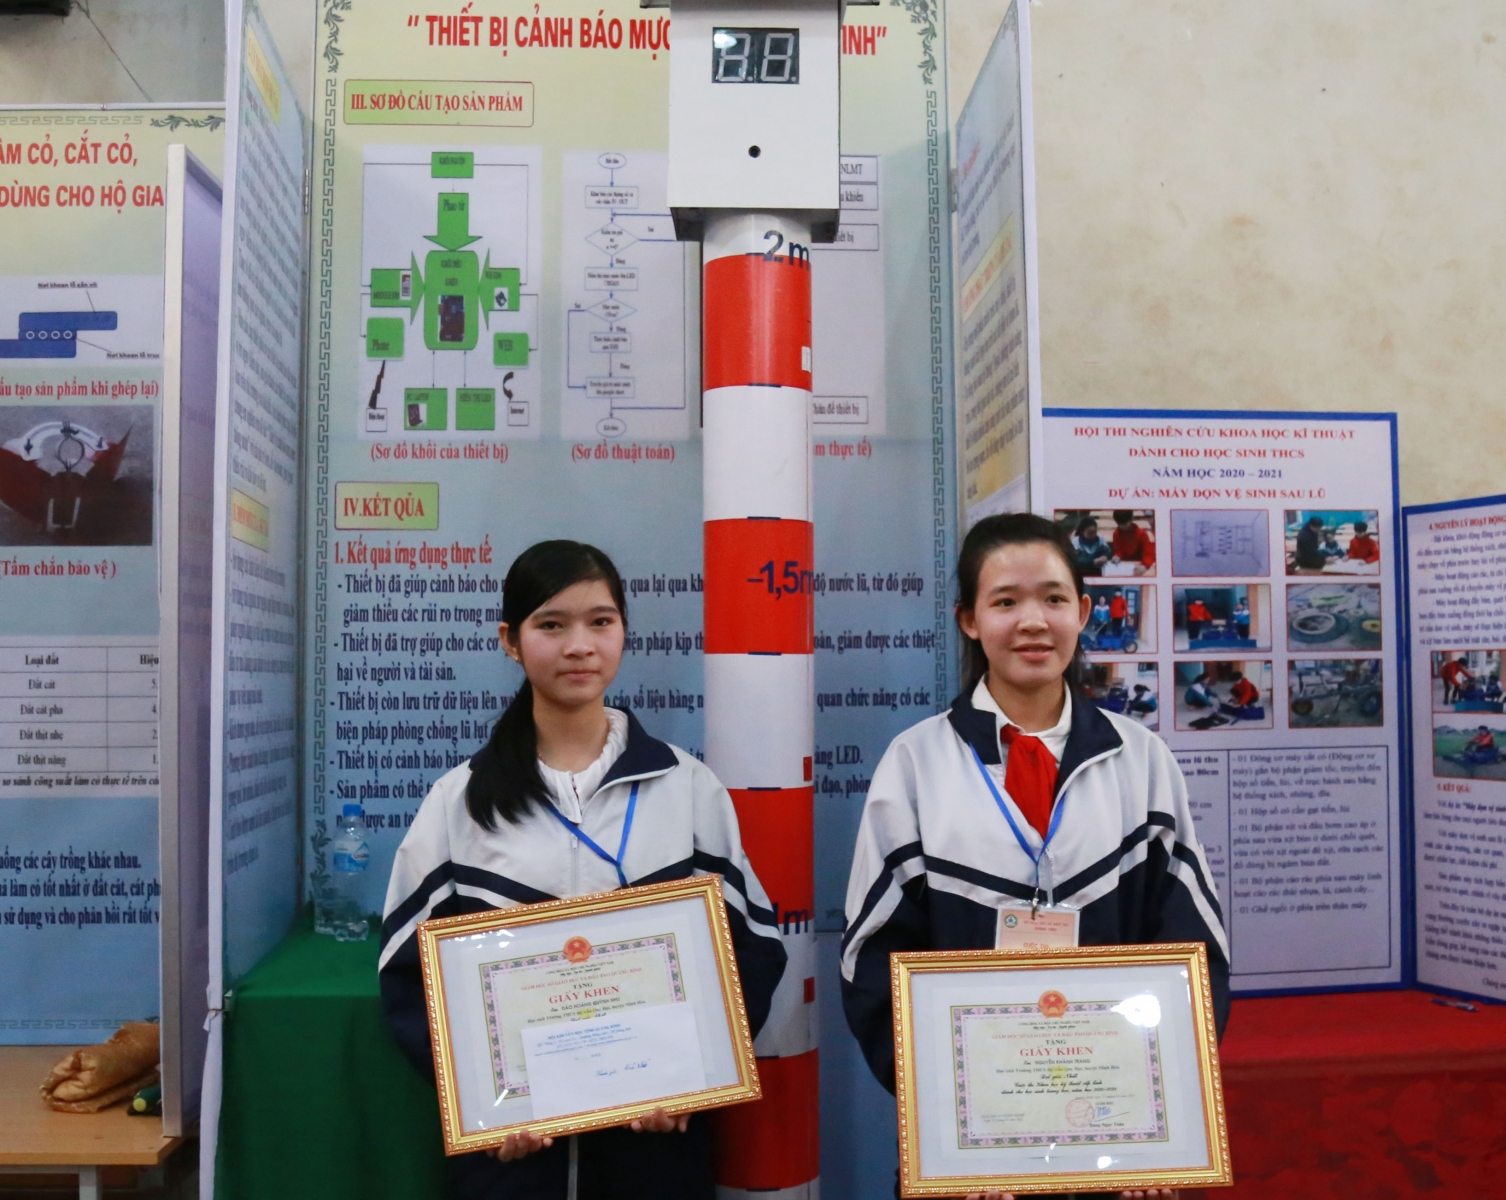 Hội thi KHKT ngành GD&ĐT Quảng Bình: Sáng kiến phục vụ đời sống lên ngôi - Ảnh minh hoạ 2